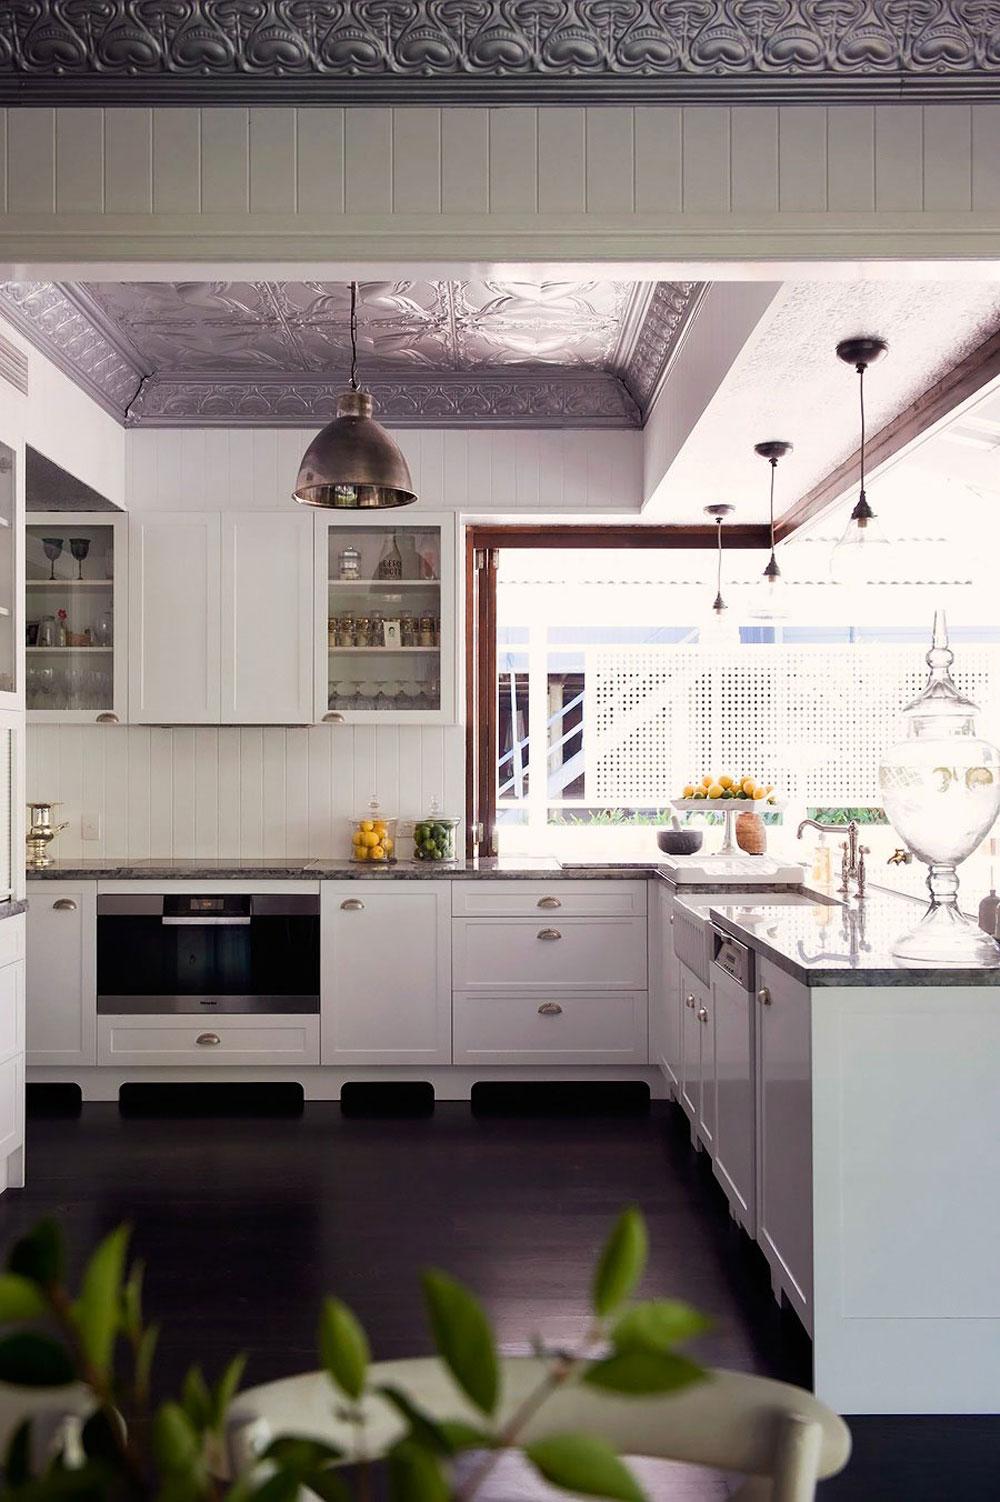 Showcase-the-impressive-wood-kitchen-interior-design-3 Show-window-the-impressive-wood-kitchen-interior design